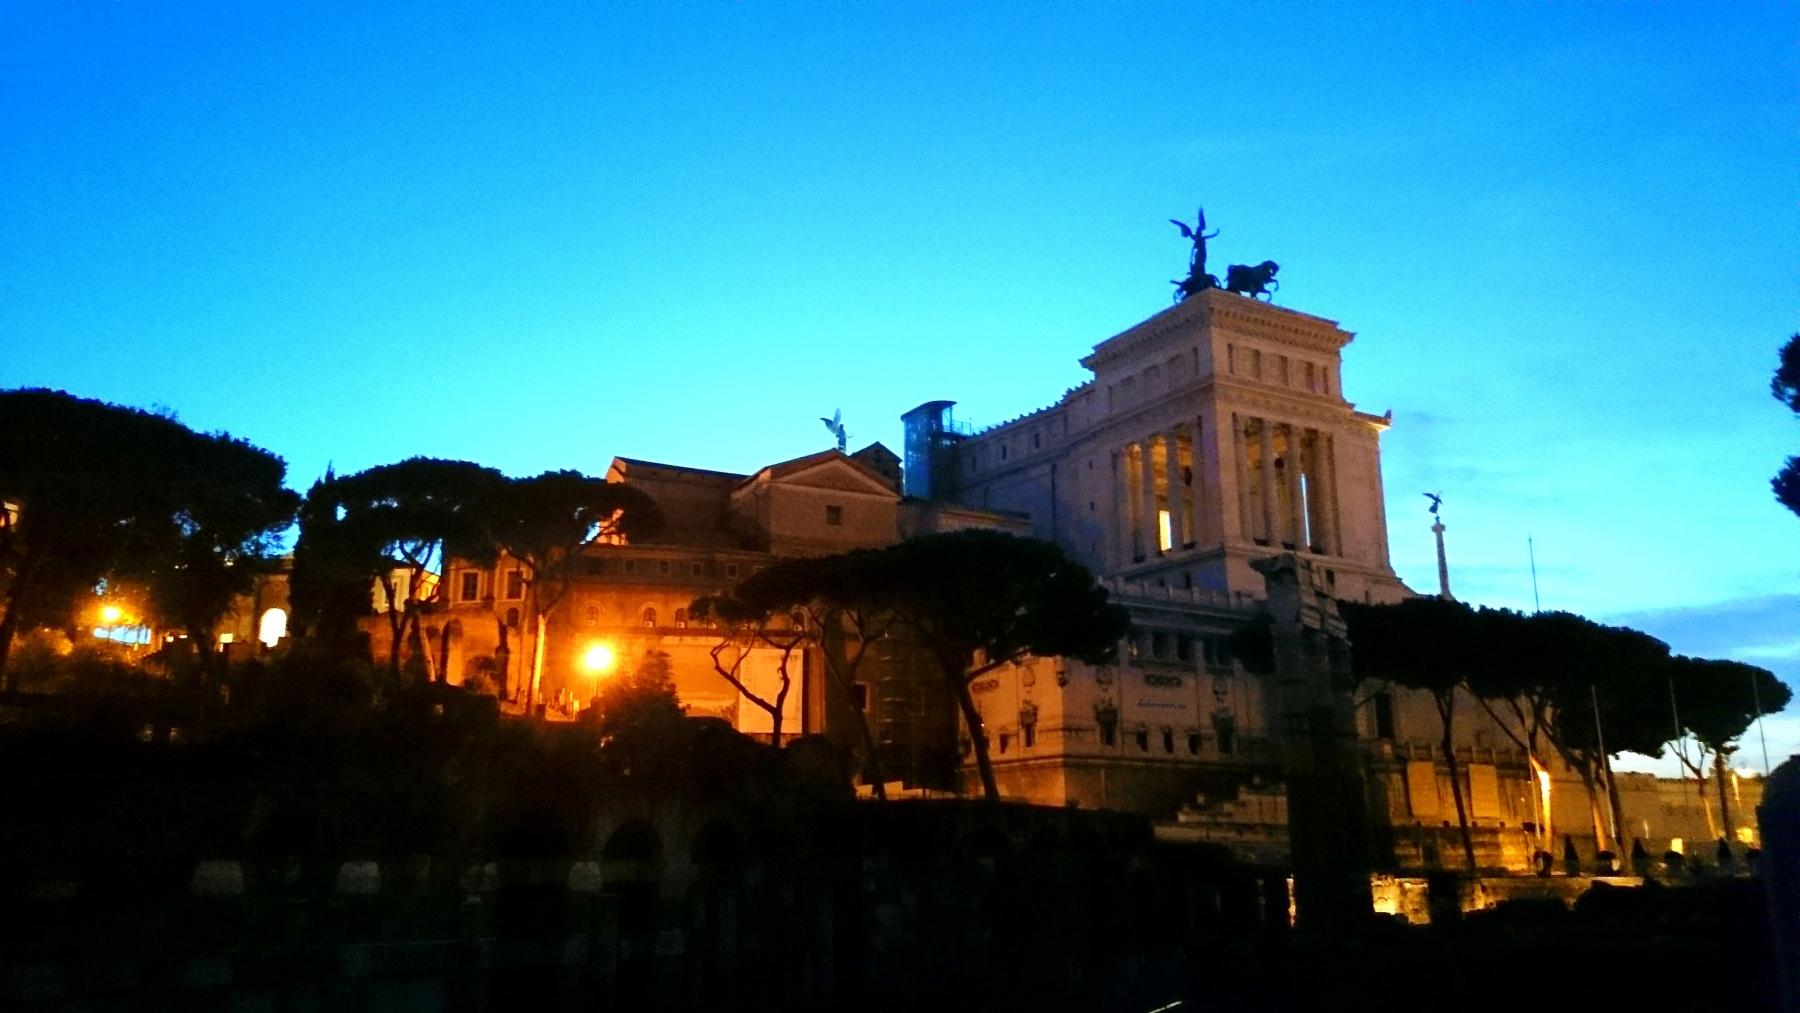 Il Monumento nazionale a Vittorio Emanuele II 38